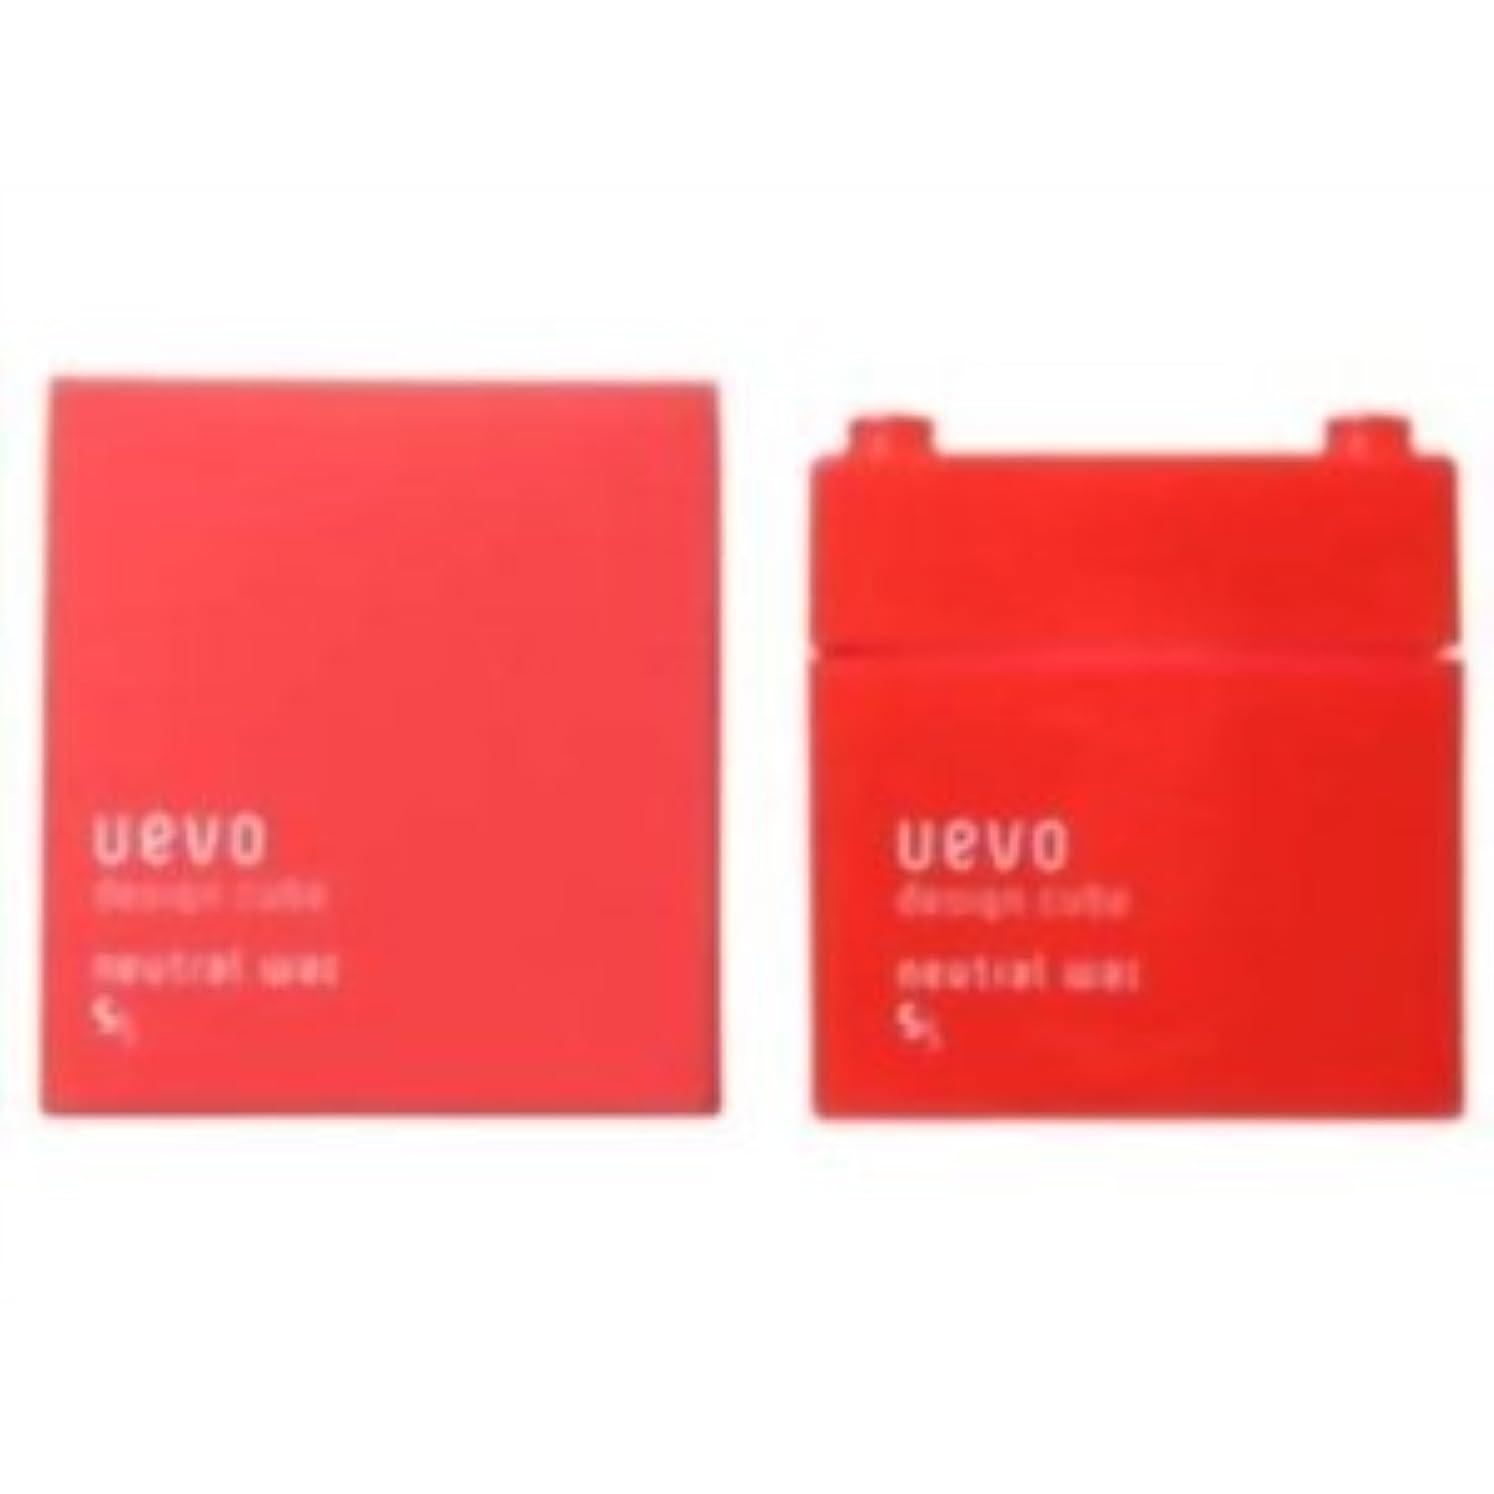 最後に愛撫ハイランド【X2個セット】 デミ ウェーボ デザインキューブ ニュートラルワックス 80g neutral wax DEMI uevo design cube